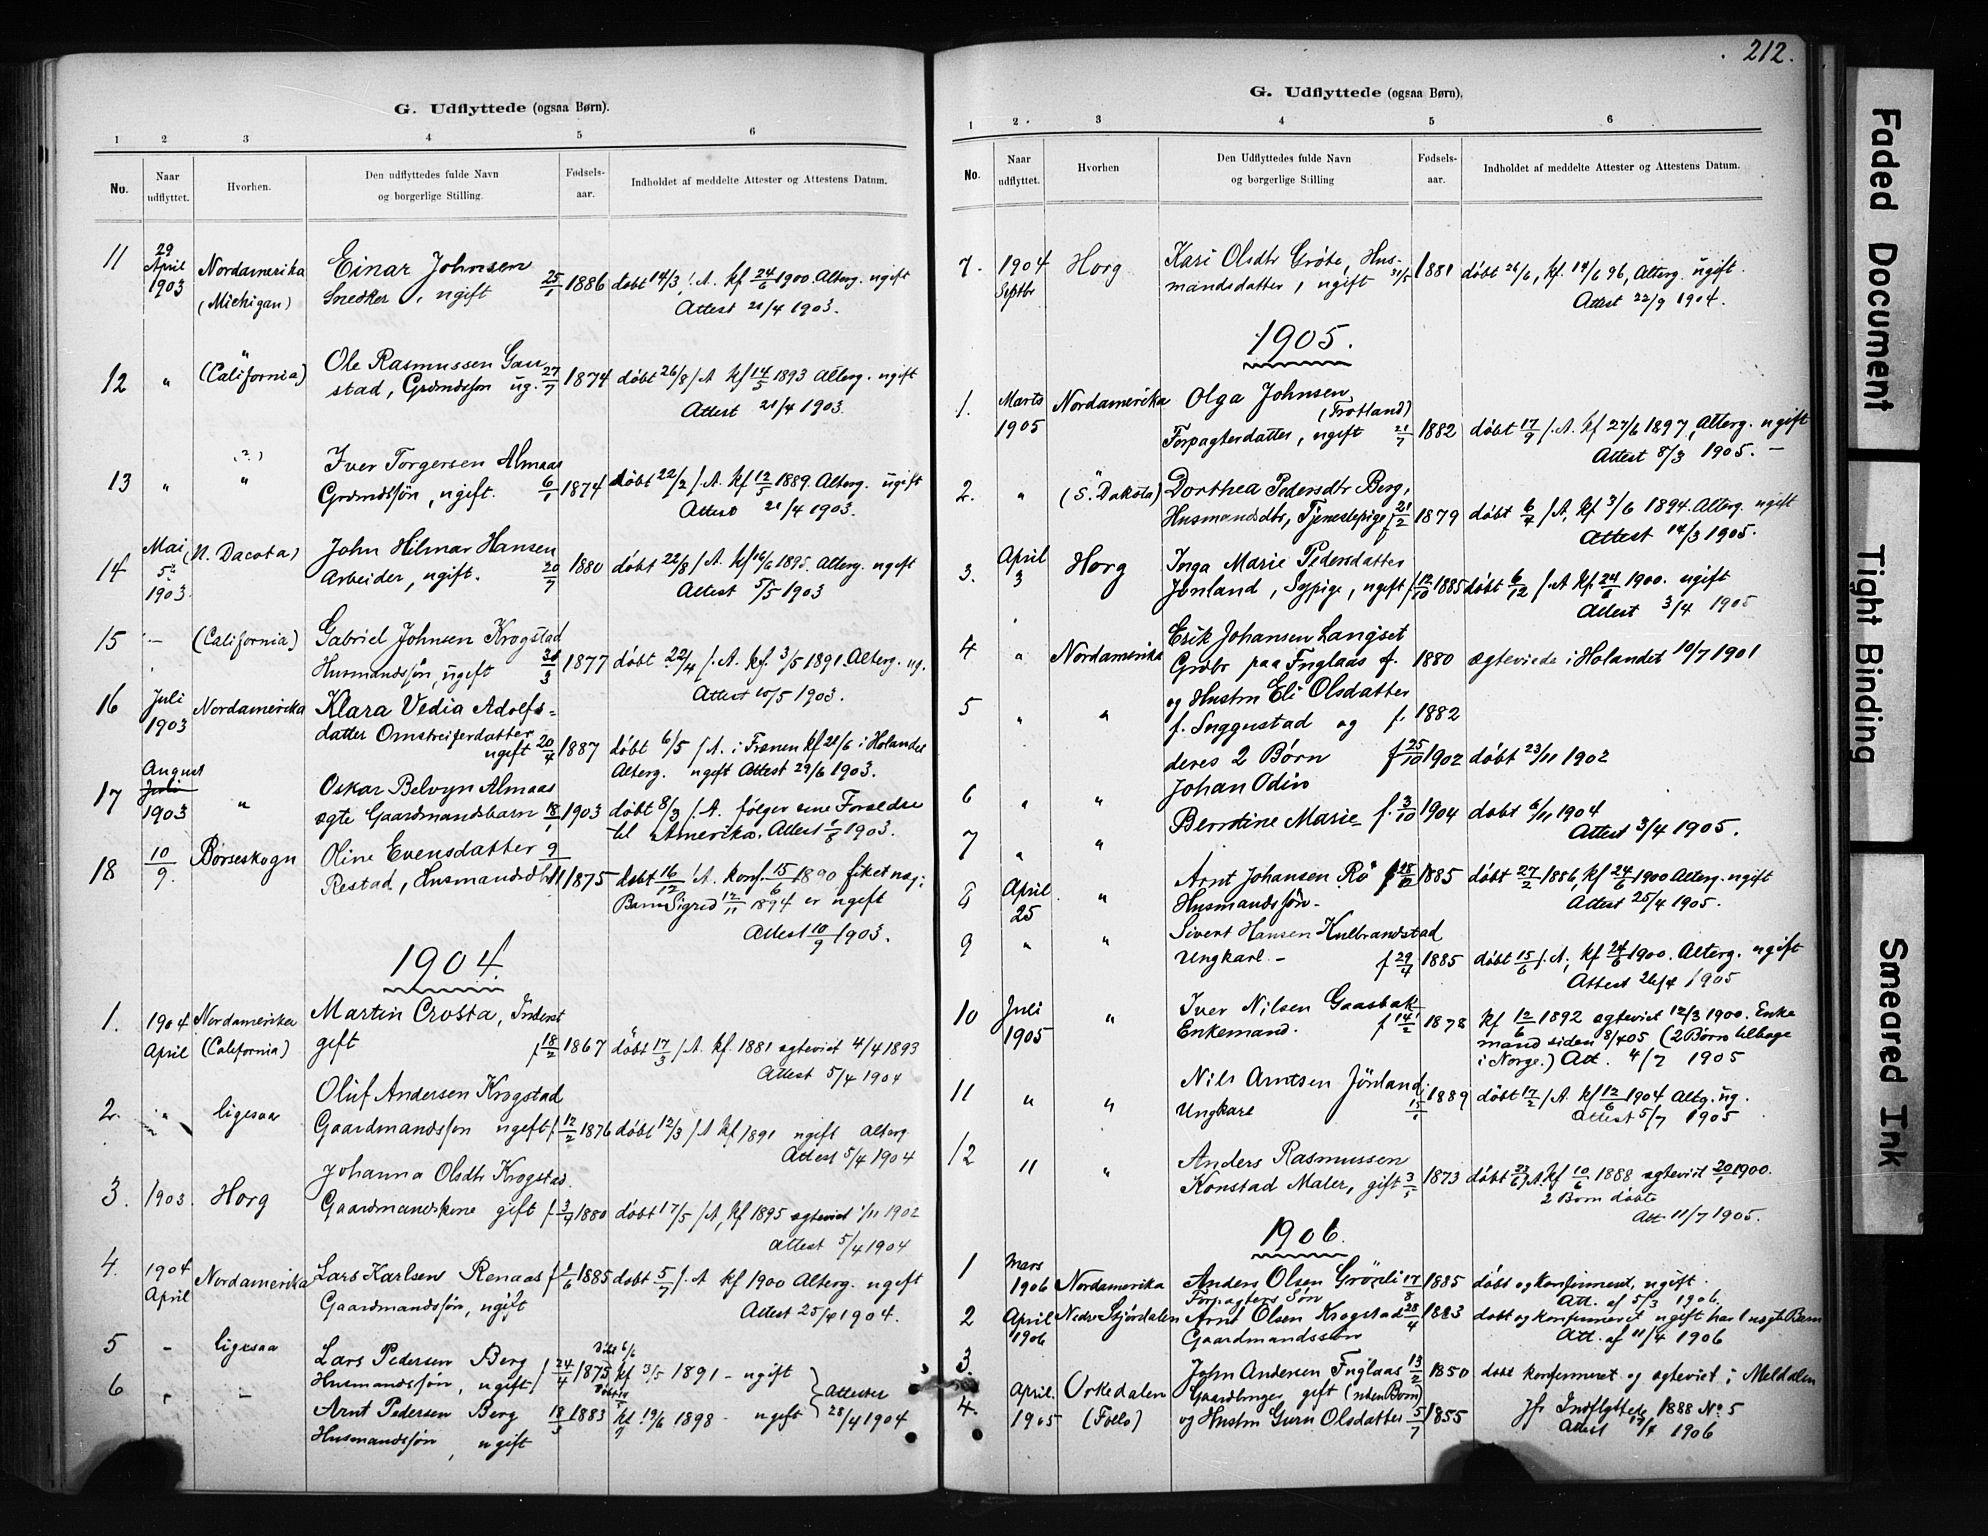 SAT, Ministerialprotokoller, klokkerbøker og fødselsregistre - Sør-Trøndelag, 694/L1127: Ministerialbok nr. 694A01, 1887-1905, s. 212